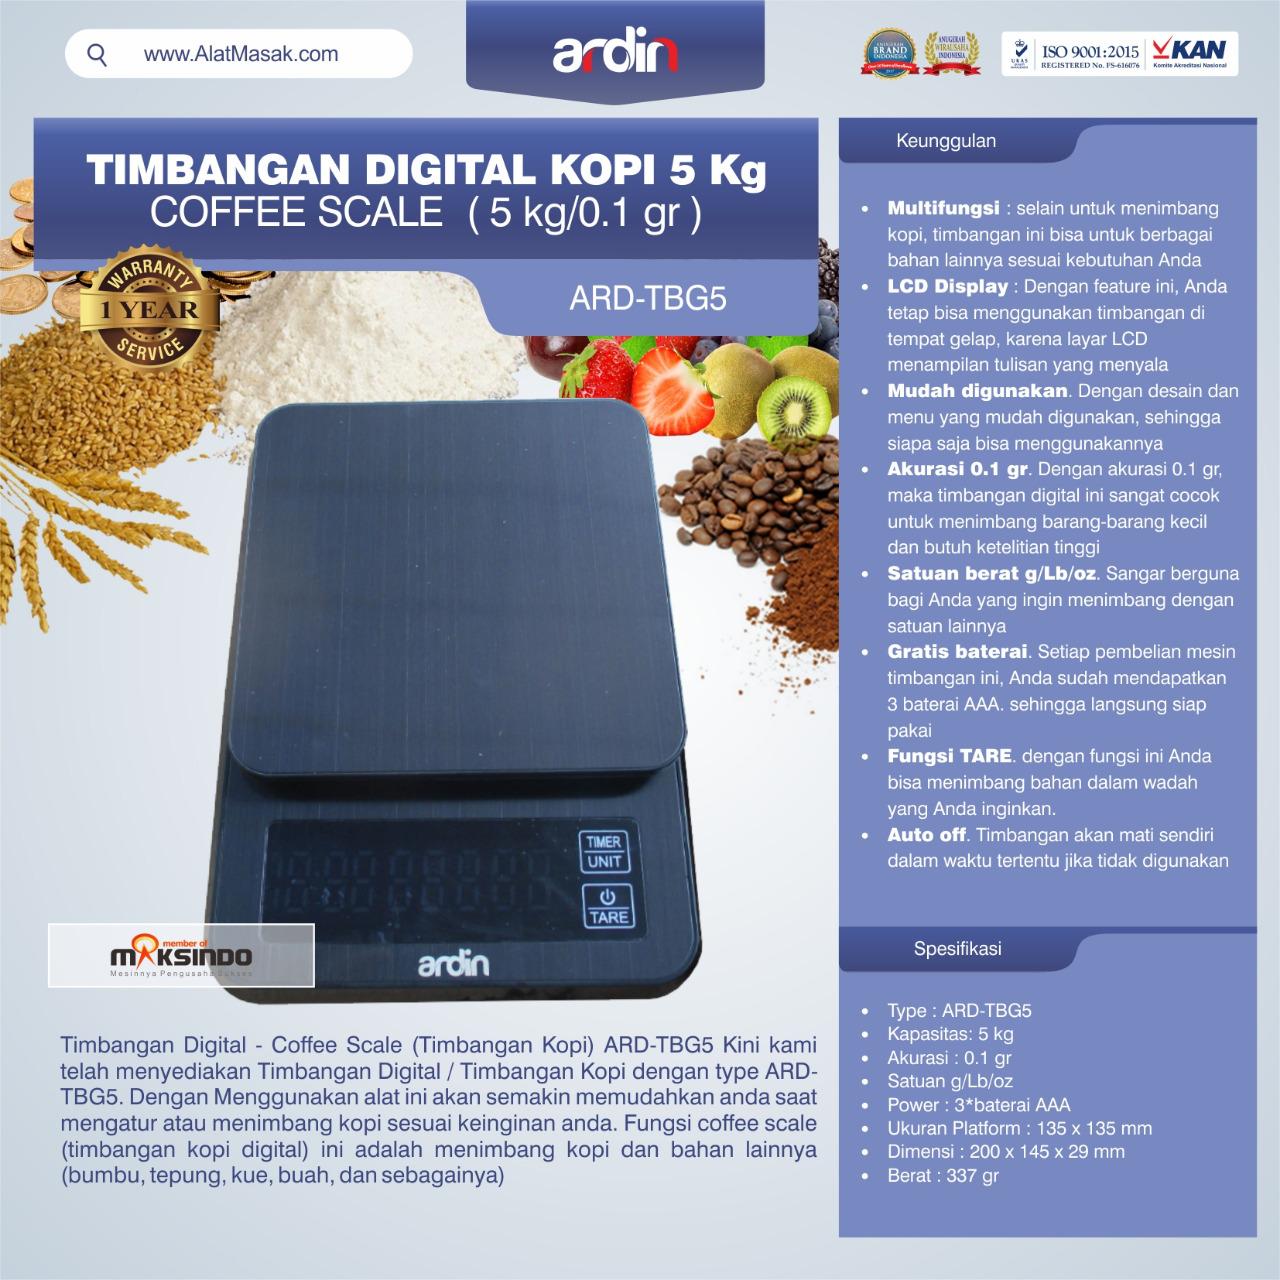 Jual Timbangan Digital Kopi 5 kg ARD-TBG5 (coffee scale) di Bogor